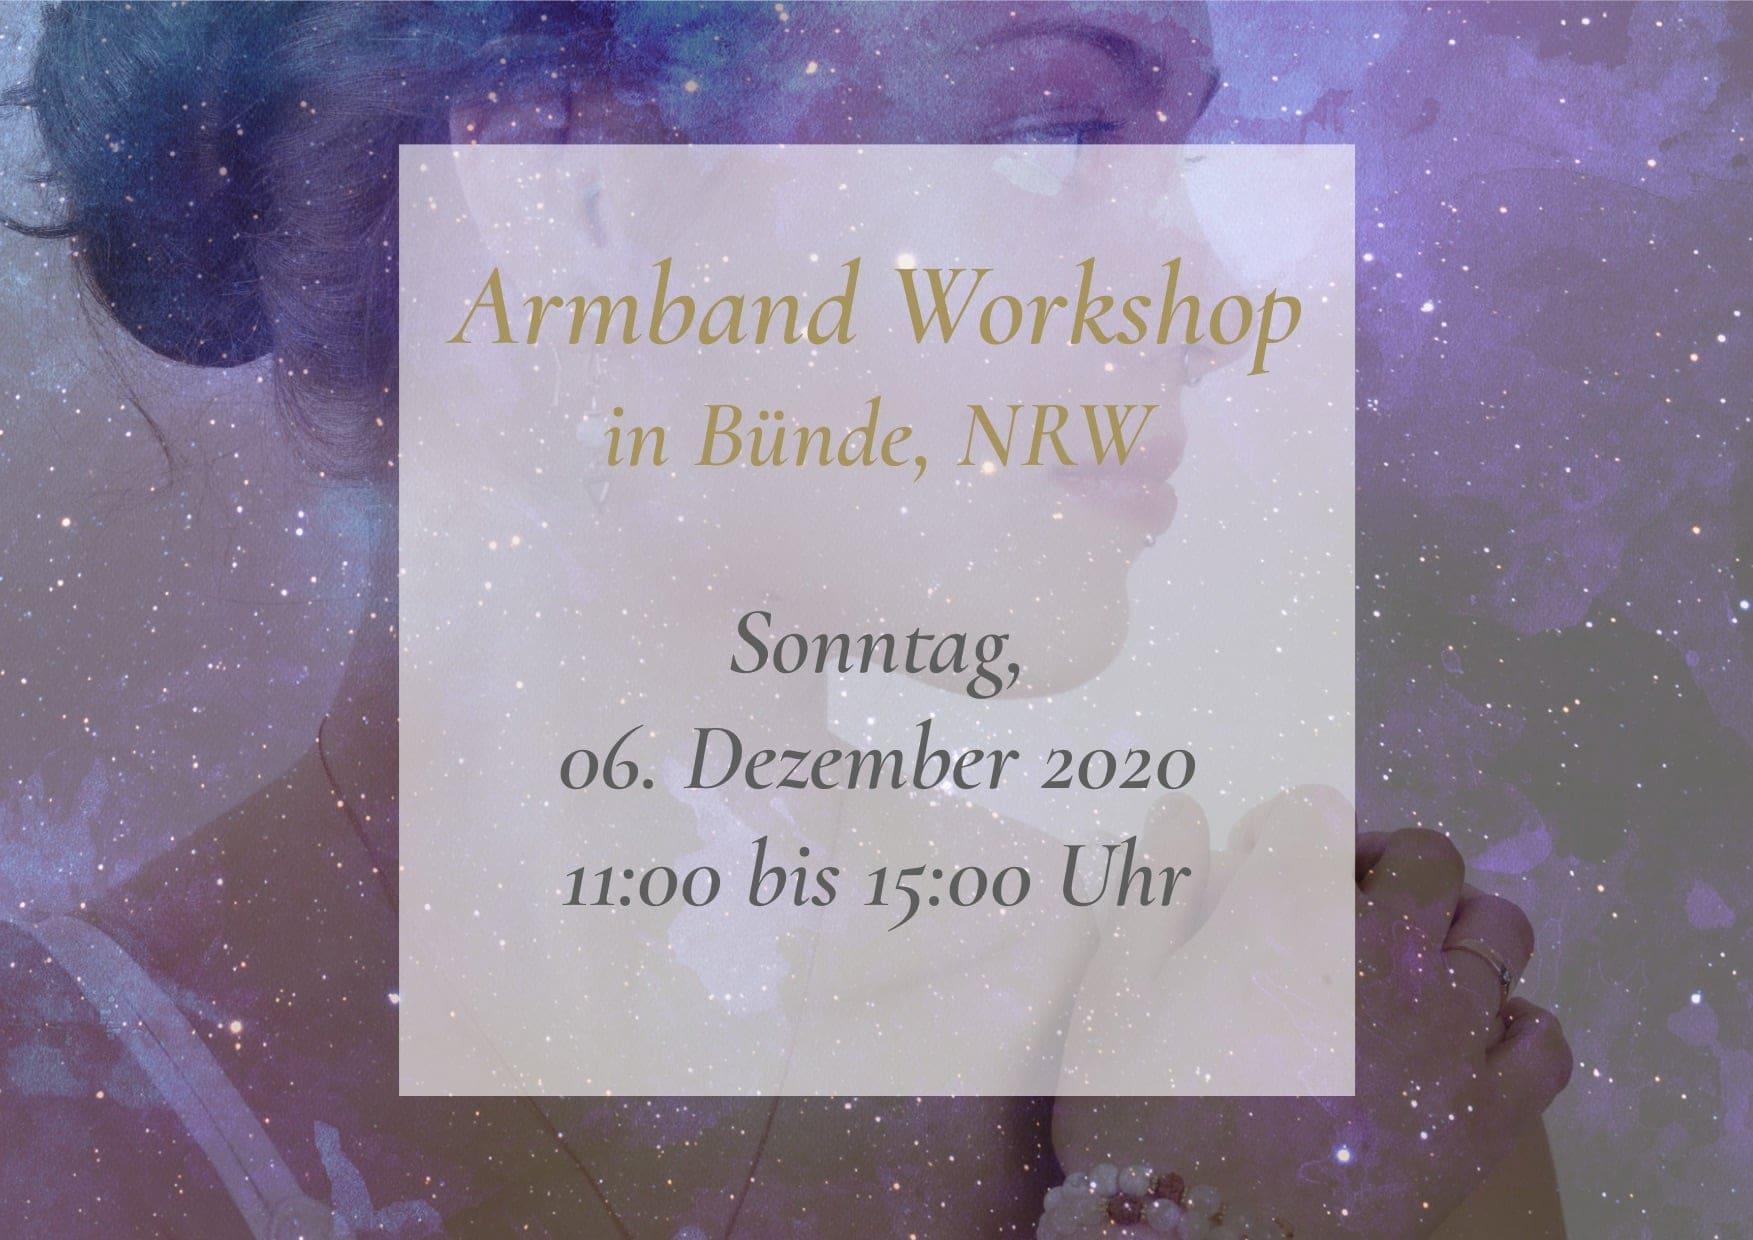 NW_Armband_WS_12_2020_Bunede_EN